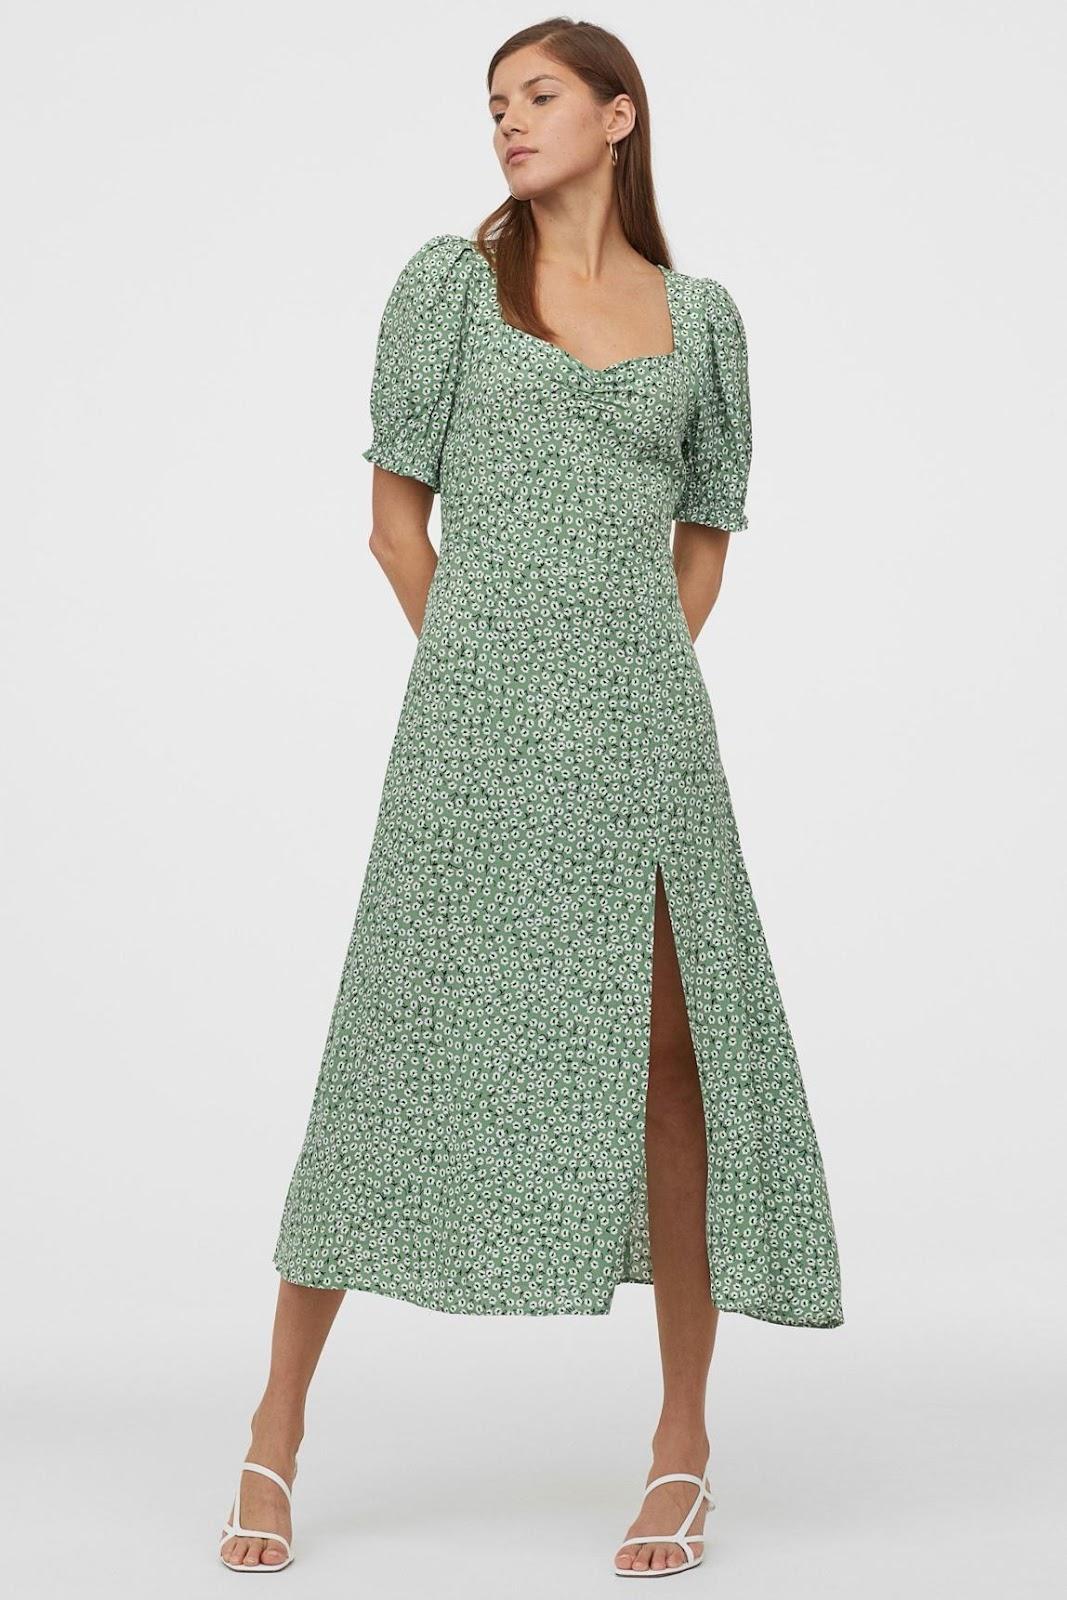 Imagen que contiene ropa, persona, mujer, verde  Descripción generada automáticamente